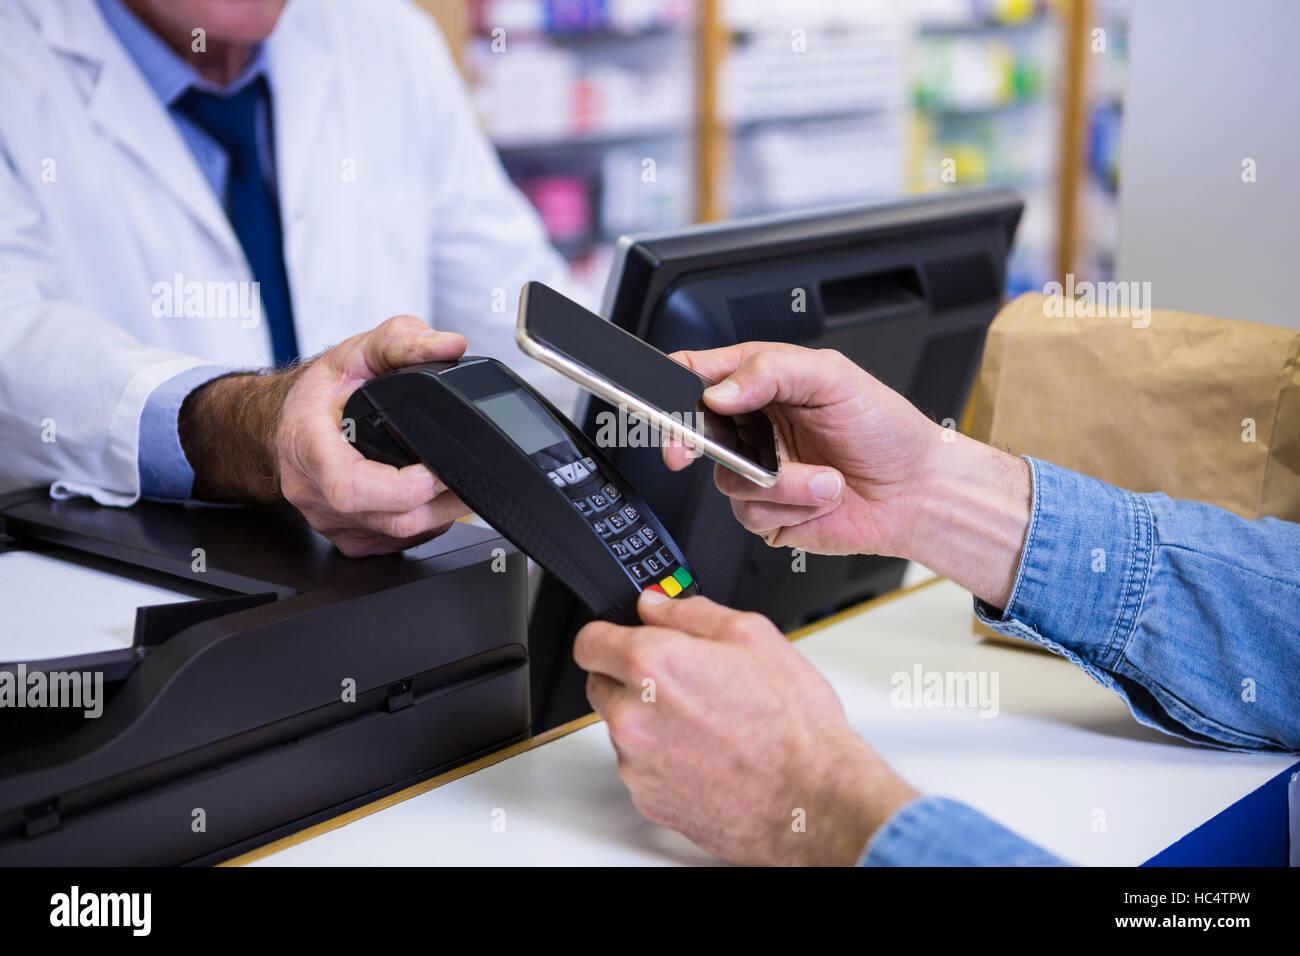 Kunde die Zahlung durch Smartphone in Zahlung terminal Stockfoto